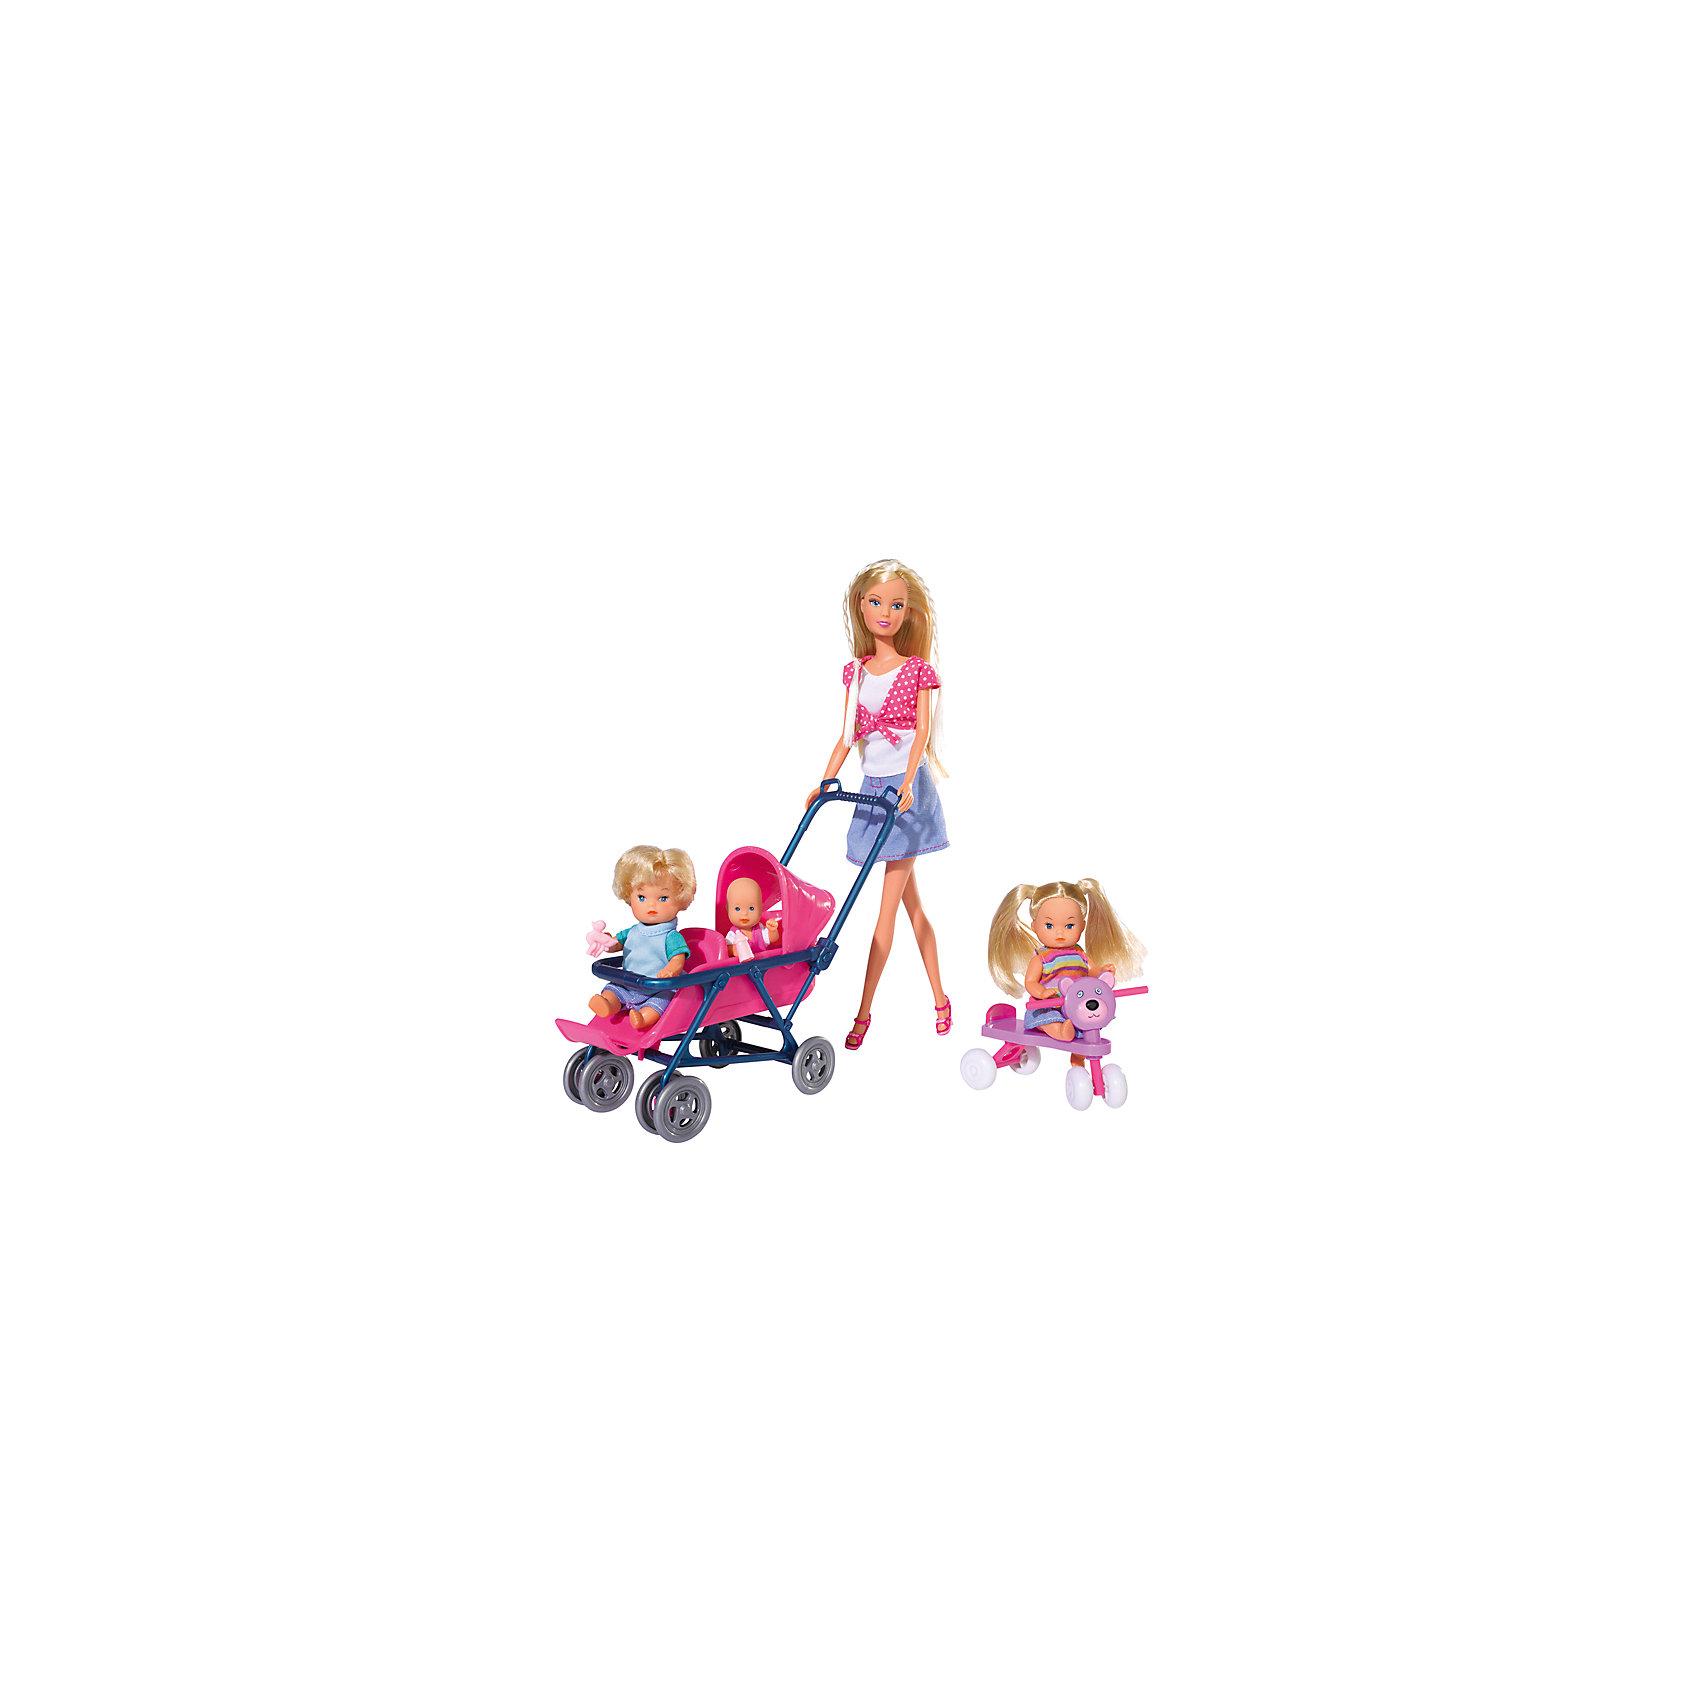 Steffi Love Набор Детский мир, 4 куклыКукла Steffi Love с 3 очаровательными малышами и множеством принадлежностей.<br>Штеффи заботливая няня трех симпатичных малышей. У нее много дел, ведь с малышами нужно успеть и погулять и покормить, а младенца уложить спать в колыбельку. К счастью, для ухода за детьми у нее есть все необходимое: коляска, стульчик для кормления, велосипед и самокат для веселой прогулки.<br><br>Дополнительная информация:<br>      <br>- В комплект входят: Штеффи, 3 малыша и аксессуары: кроватка, коляска для двойни, стульчик для кормления, ходунки, 2 самоката и предметы для ухода.<br> - Высота Штеффи: 29 см.<br>- Материалы: текстиль, пластмасса.   <br>- Размер упаковки (д/ш/в): 11,5 х 35 х 45 см. <br>- Вес: 0,900 кг.<br><br>С набором «Детский мир» игра в куклы станет намного интересней! <br>Приобрести набор Детский мир можно в нашем магазине.<br><br>Ширина мм: 115<br>Глубина мм: 455<br>Высота мм: 325<br>Вес г: 900<br>Возраст от месяцев: 48<br>Возраст до месяцев: 96<br>Пол: Женский<br>Возраст: Детский<br>SKU: 1623598